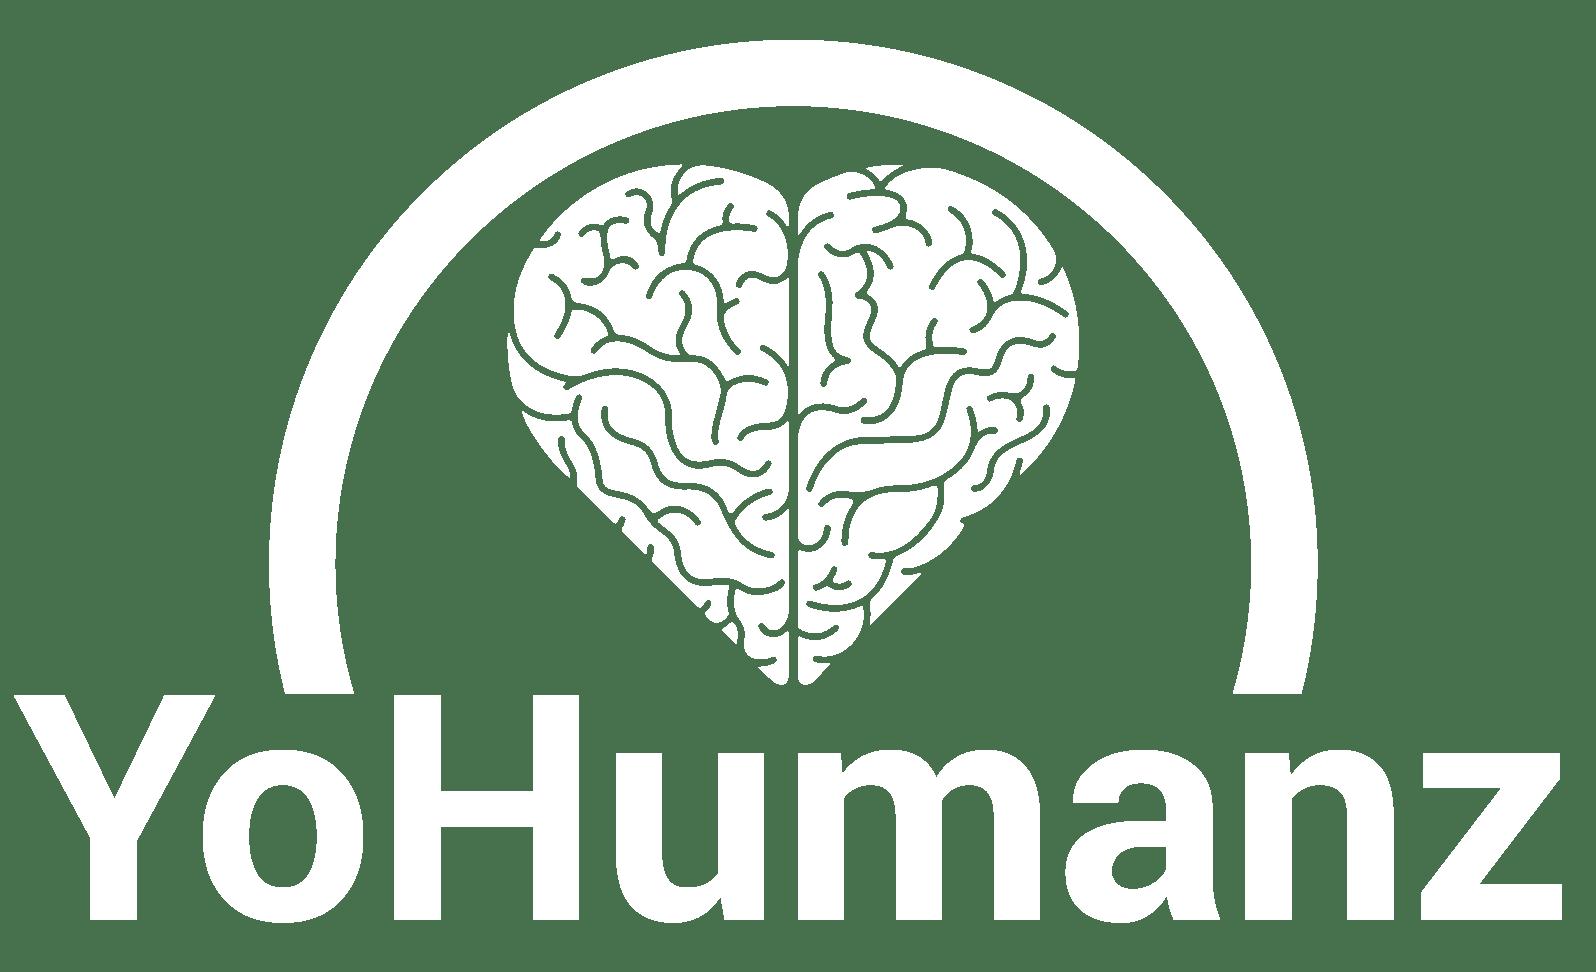 yohumanz logo